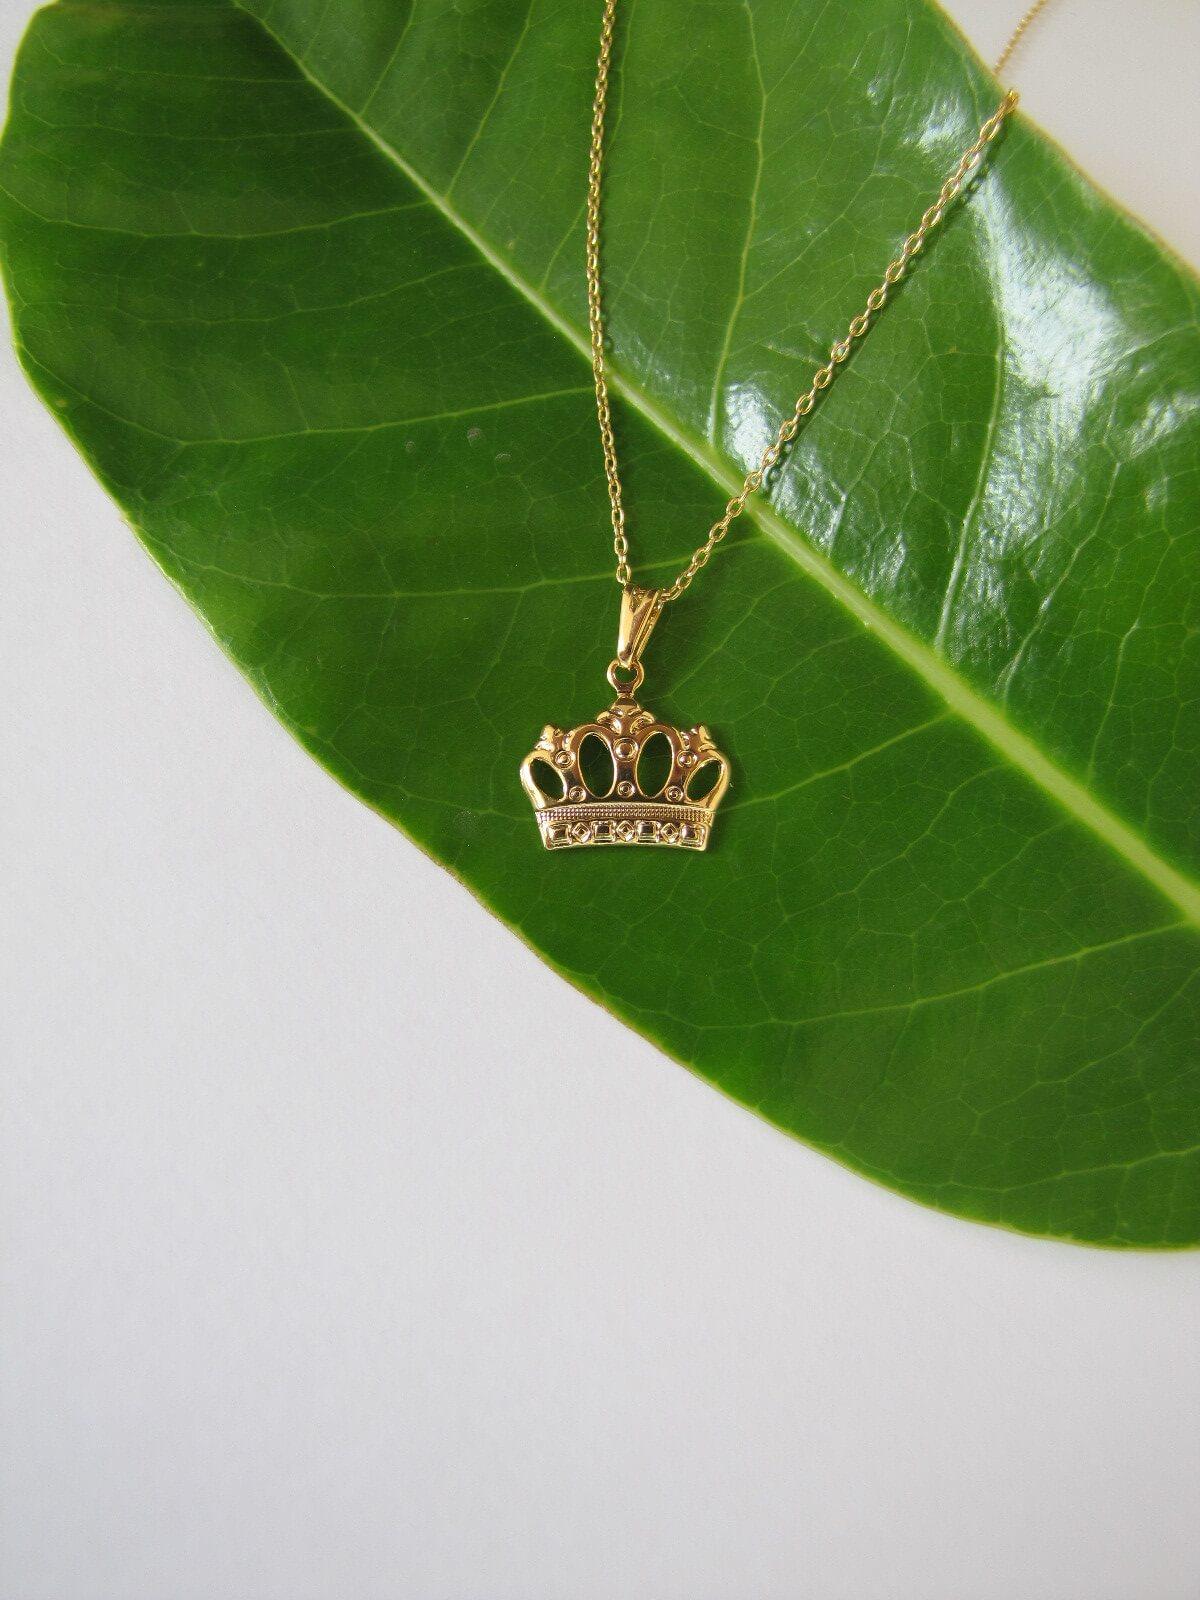 Conjunto Colar e Brinco de Coroa Vazada - Coleção Queen - Mina de Fé Joias - Banhada a Ouro 18k